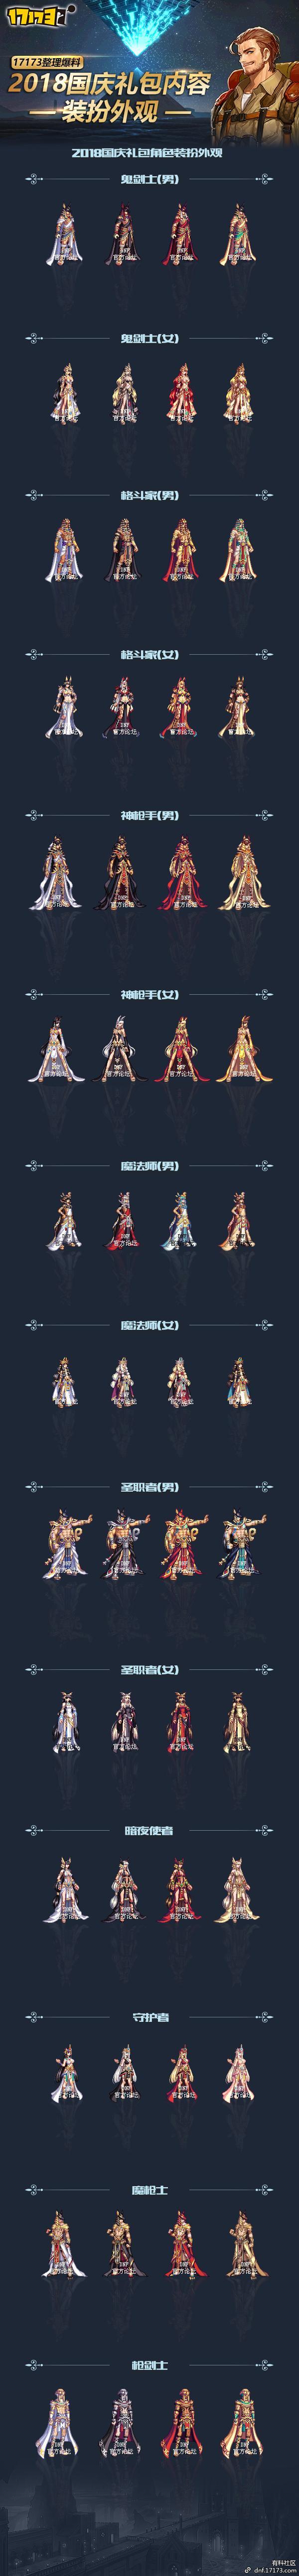 国庆节爆料模板.jpg